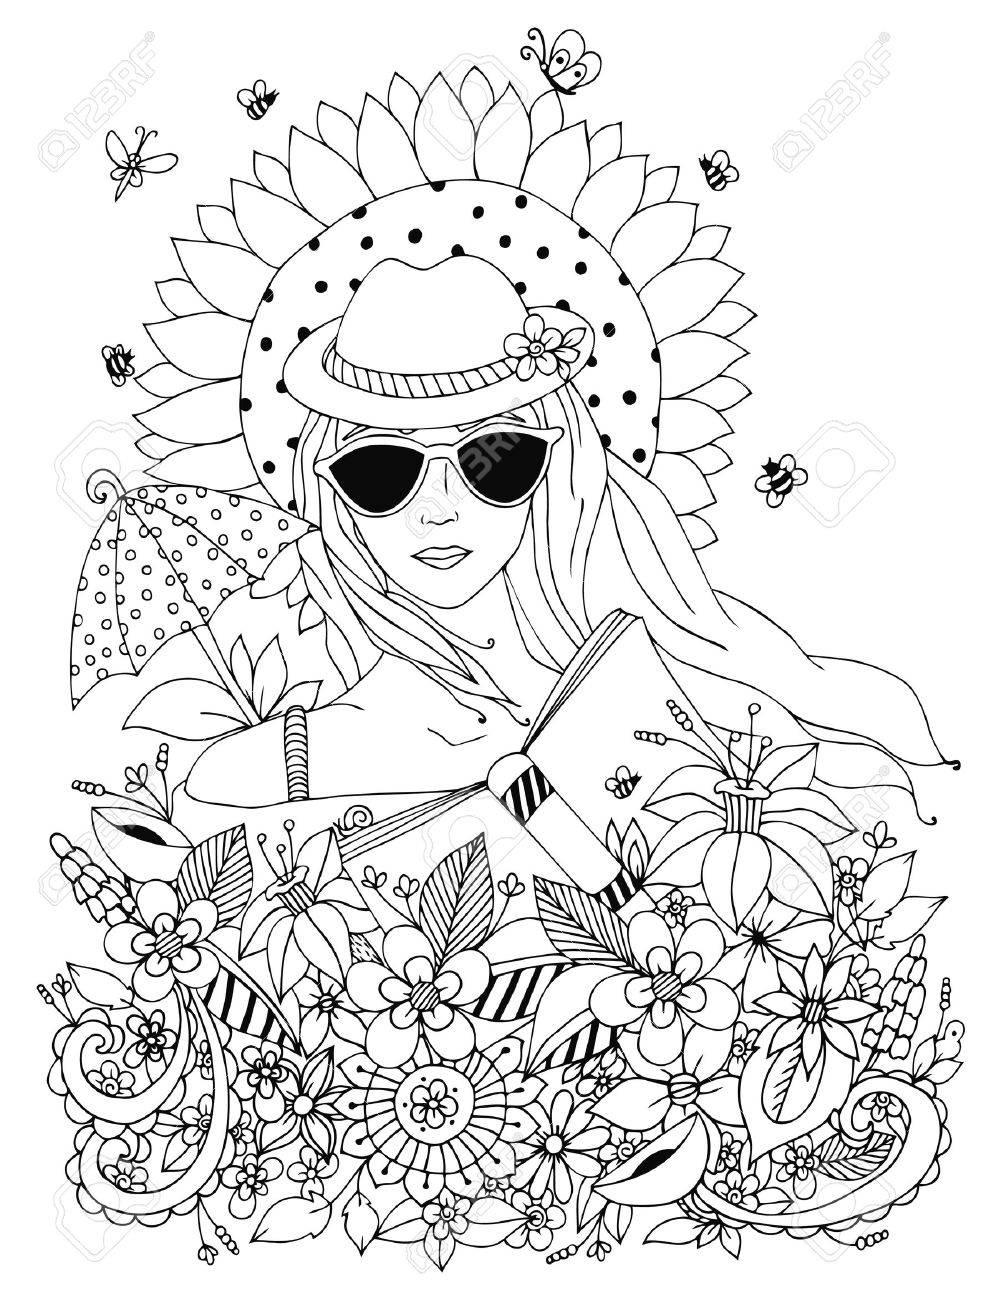 Vector Illustration Griffonnage Portrait D Une Femme Une Fille Dans Une Boite A Chapeau Floral Ete Lunettes De Soleil Parapluie Soleil